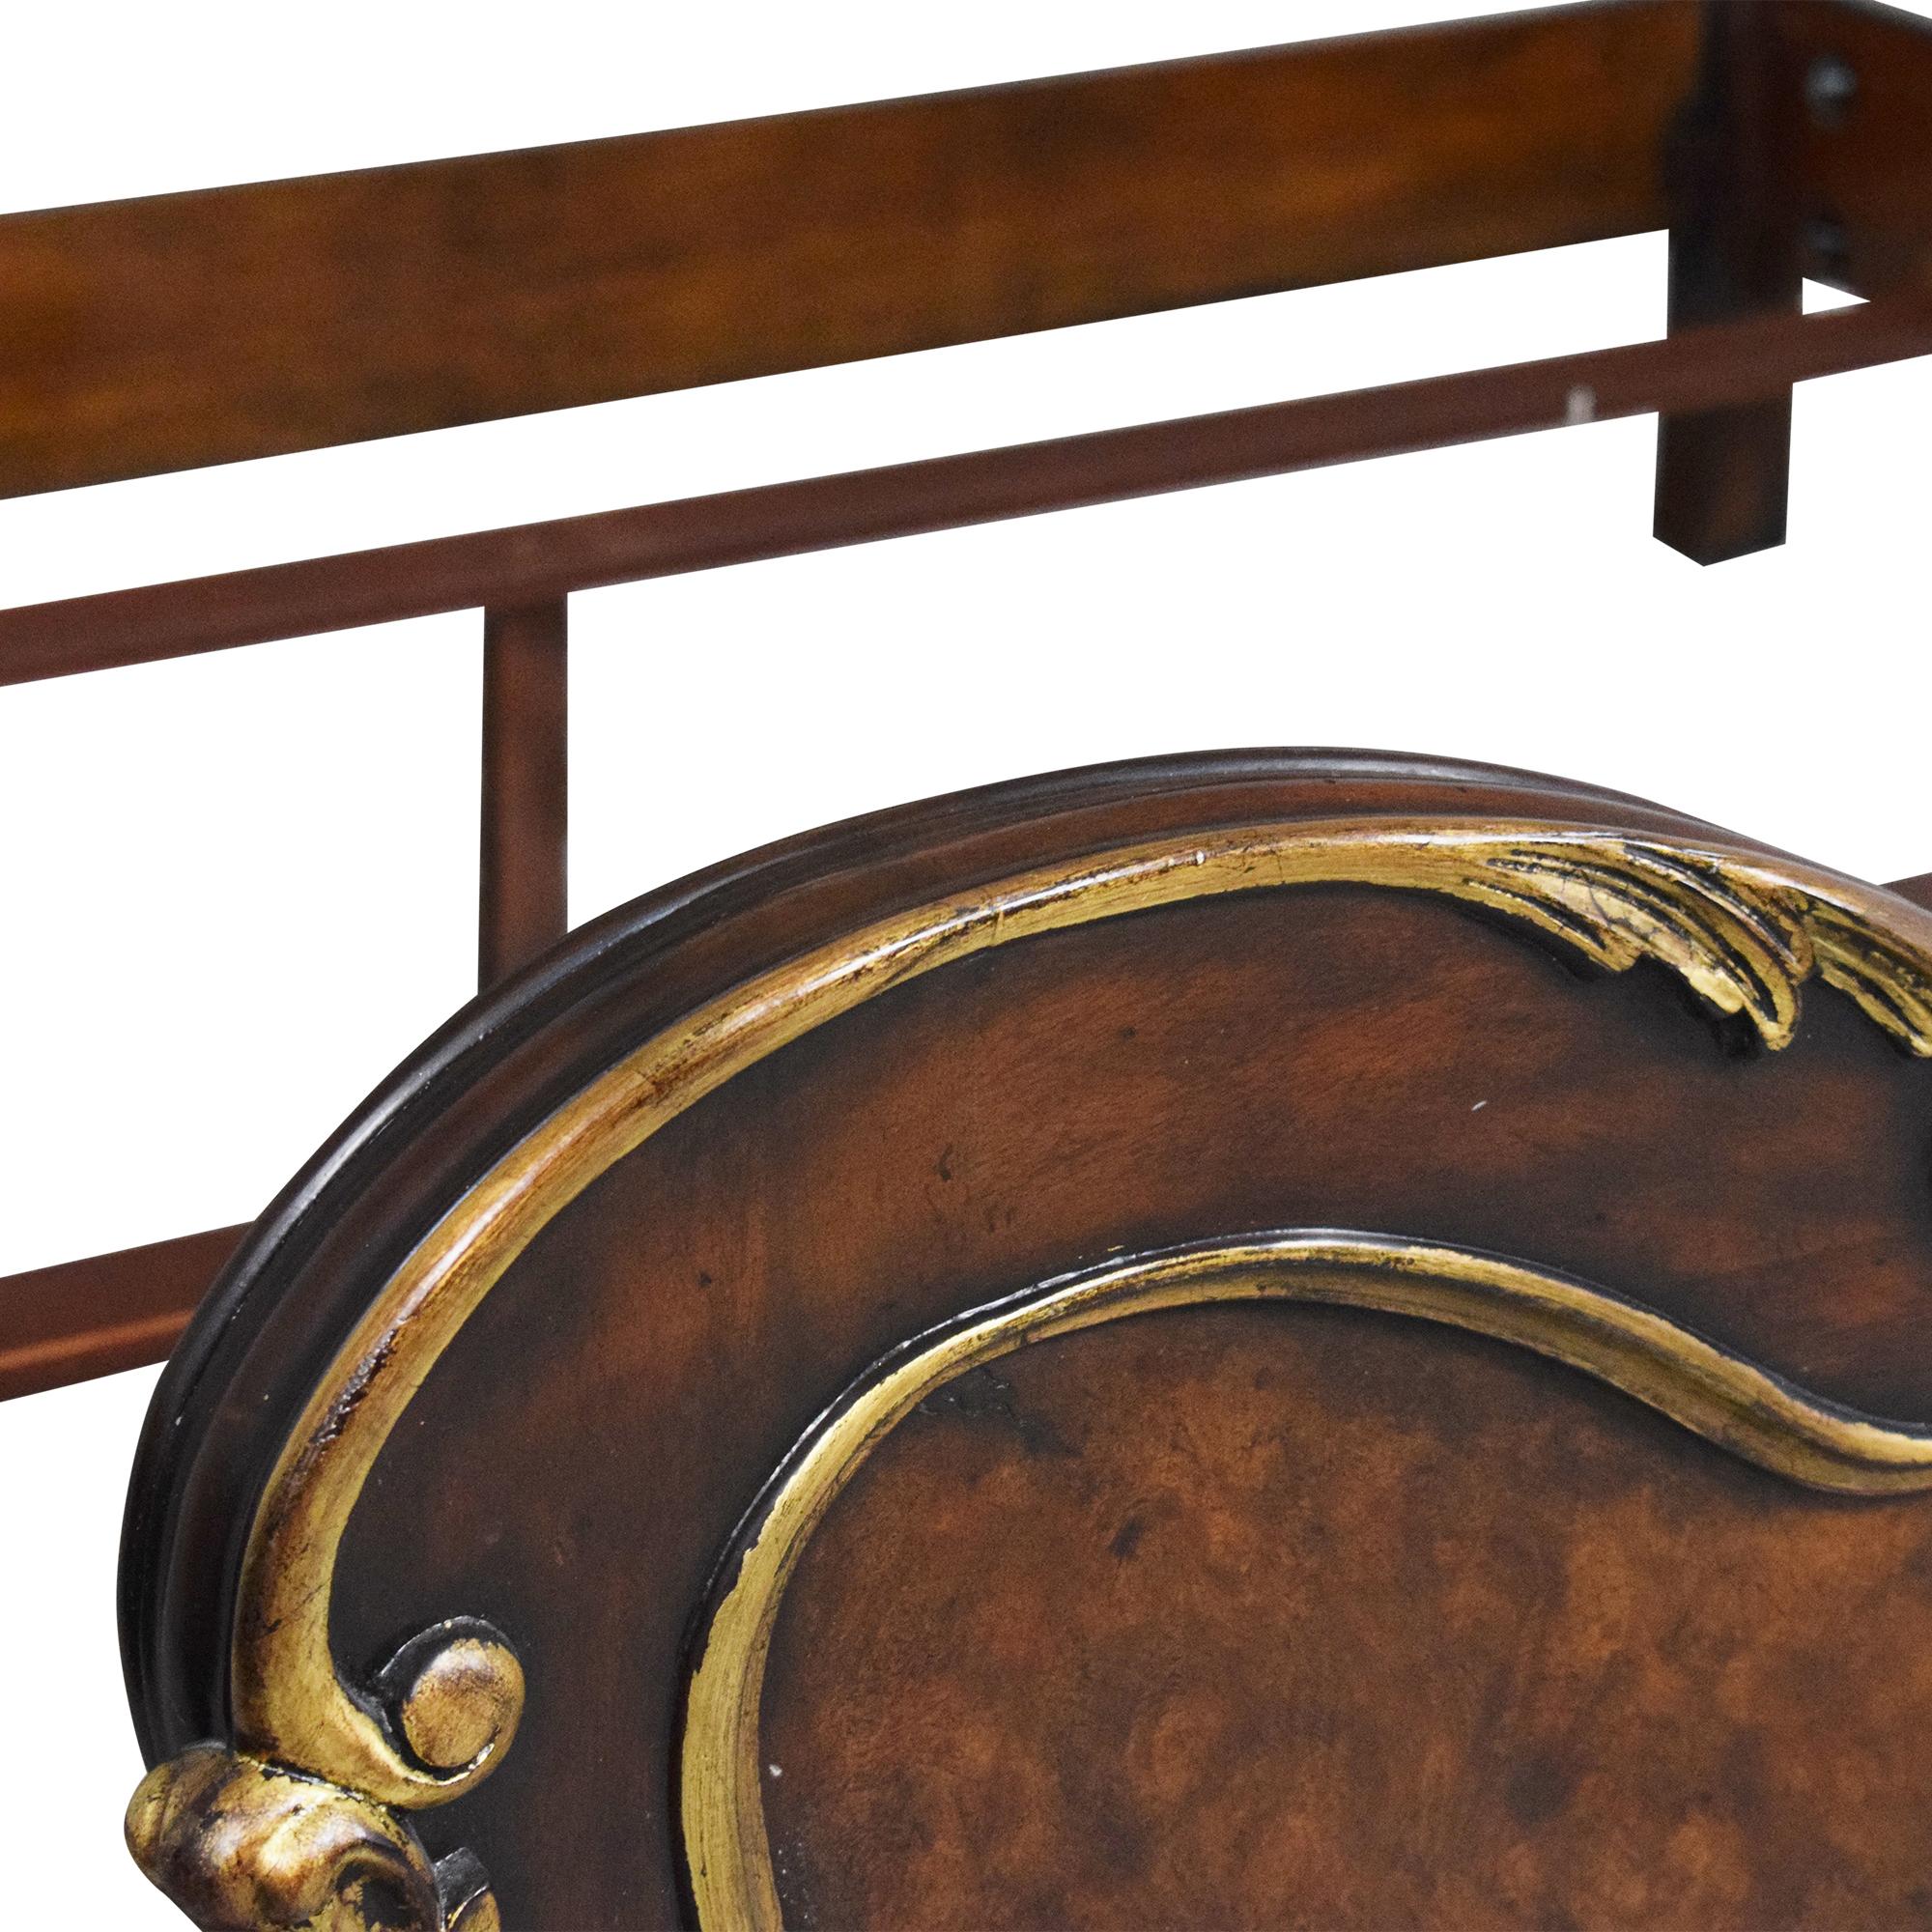 Henredon Furniture Arabesque King Bed / Bed Frames